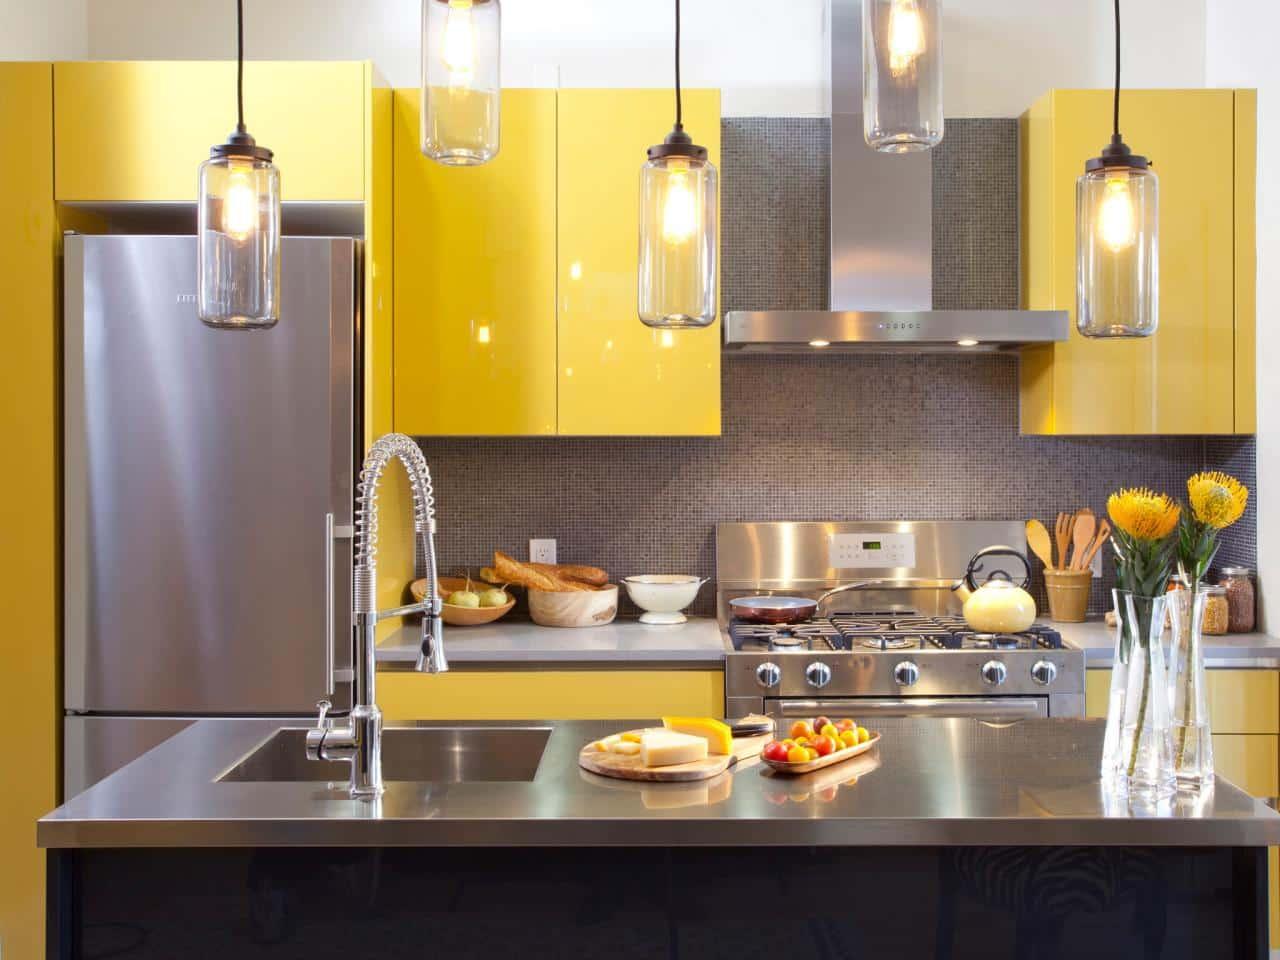 Comment am nager sa cuisine petit espace - Cuisine amenagee petit espace ...